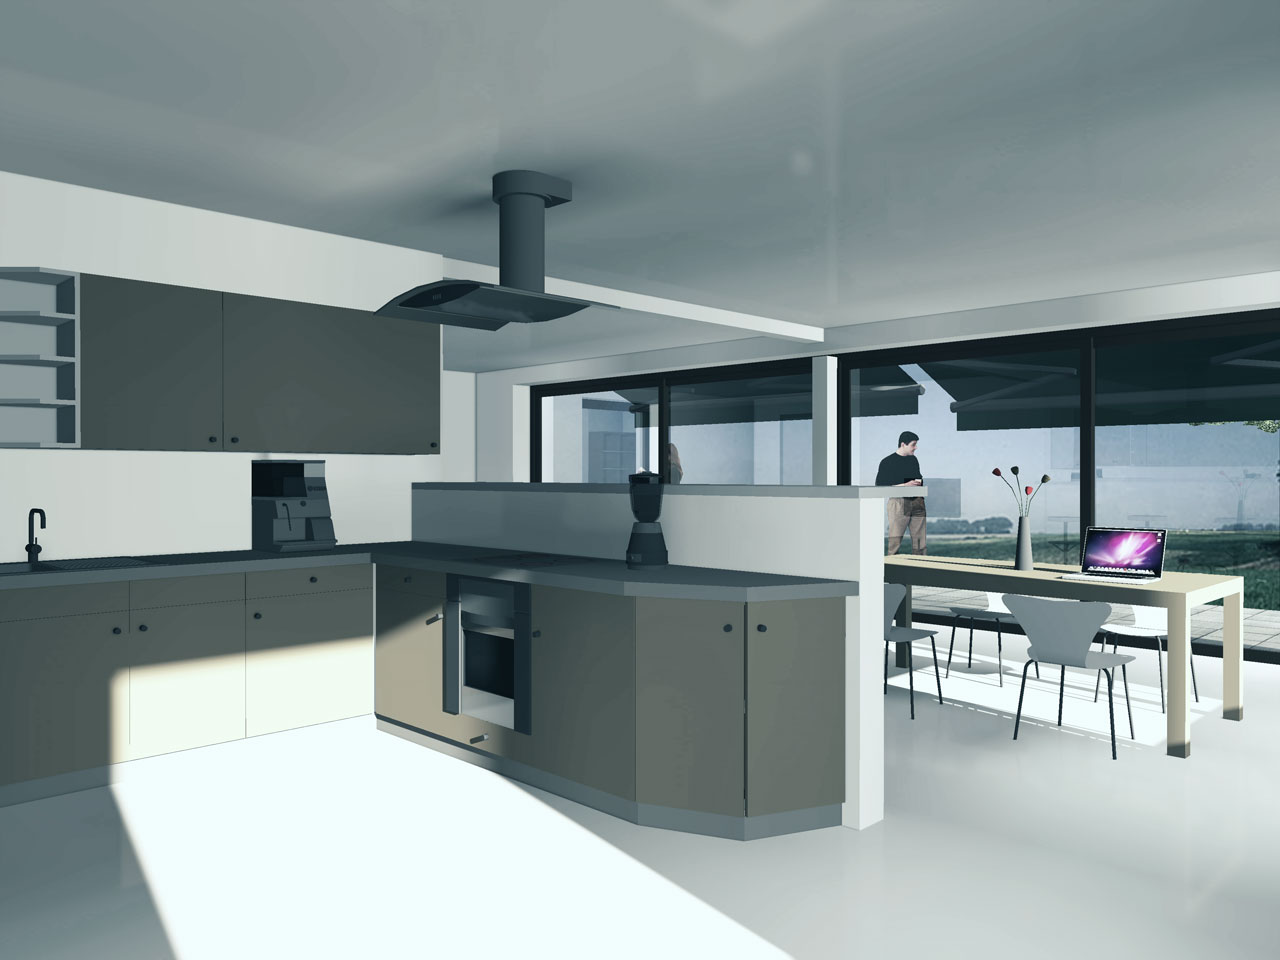 Smart living van den hurk architecten regio eindhoven for Interieur huis